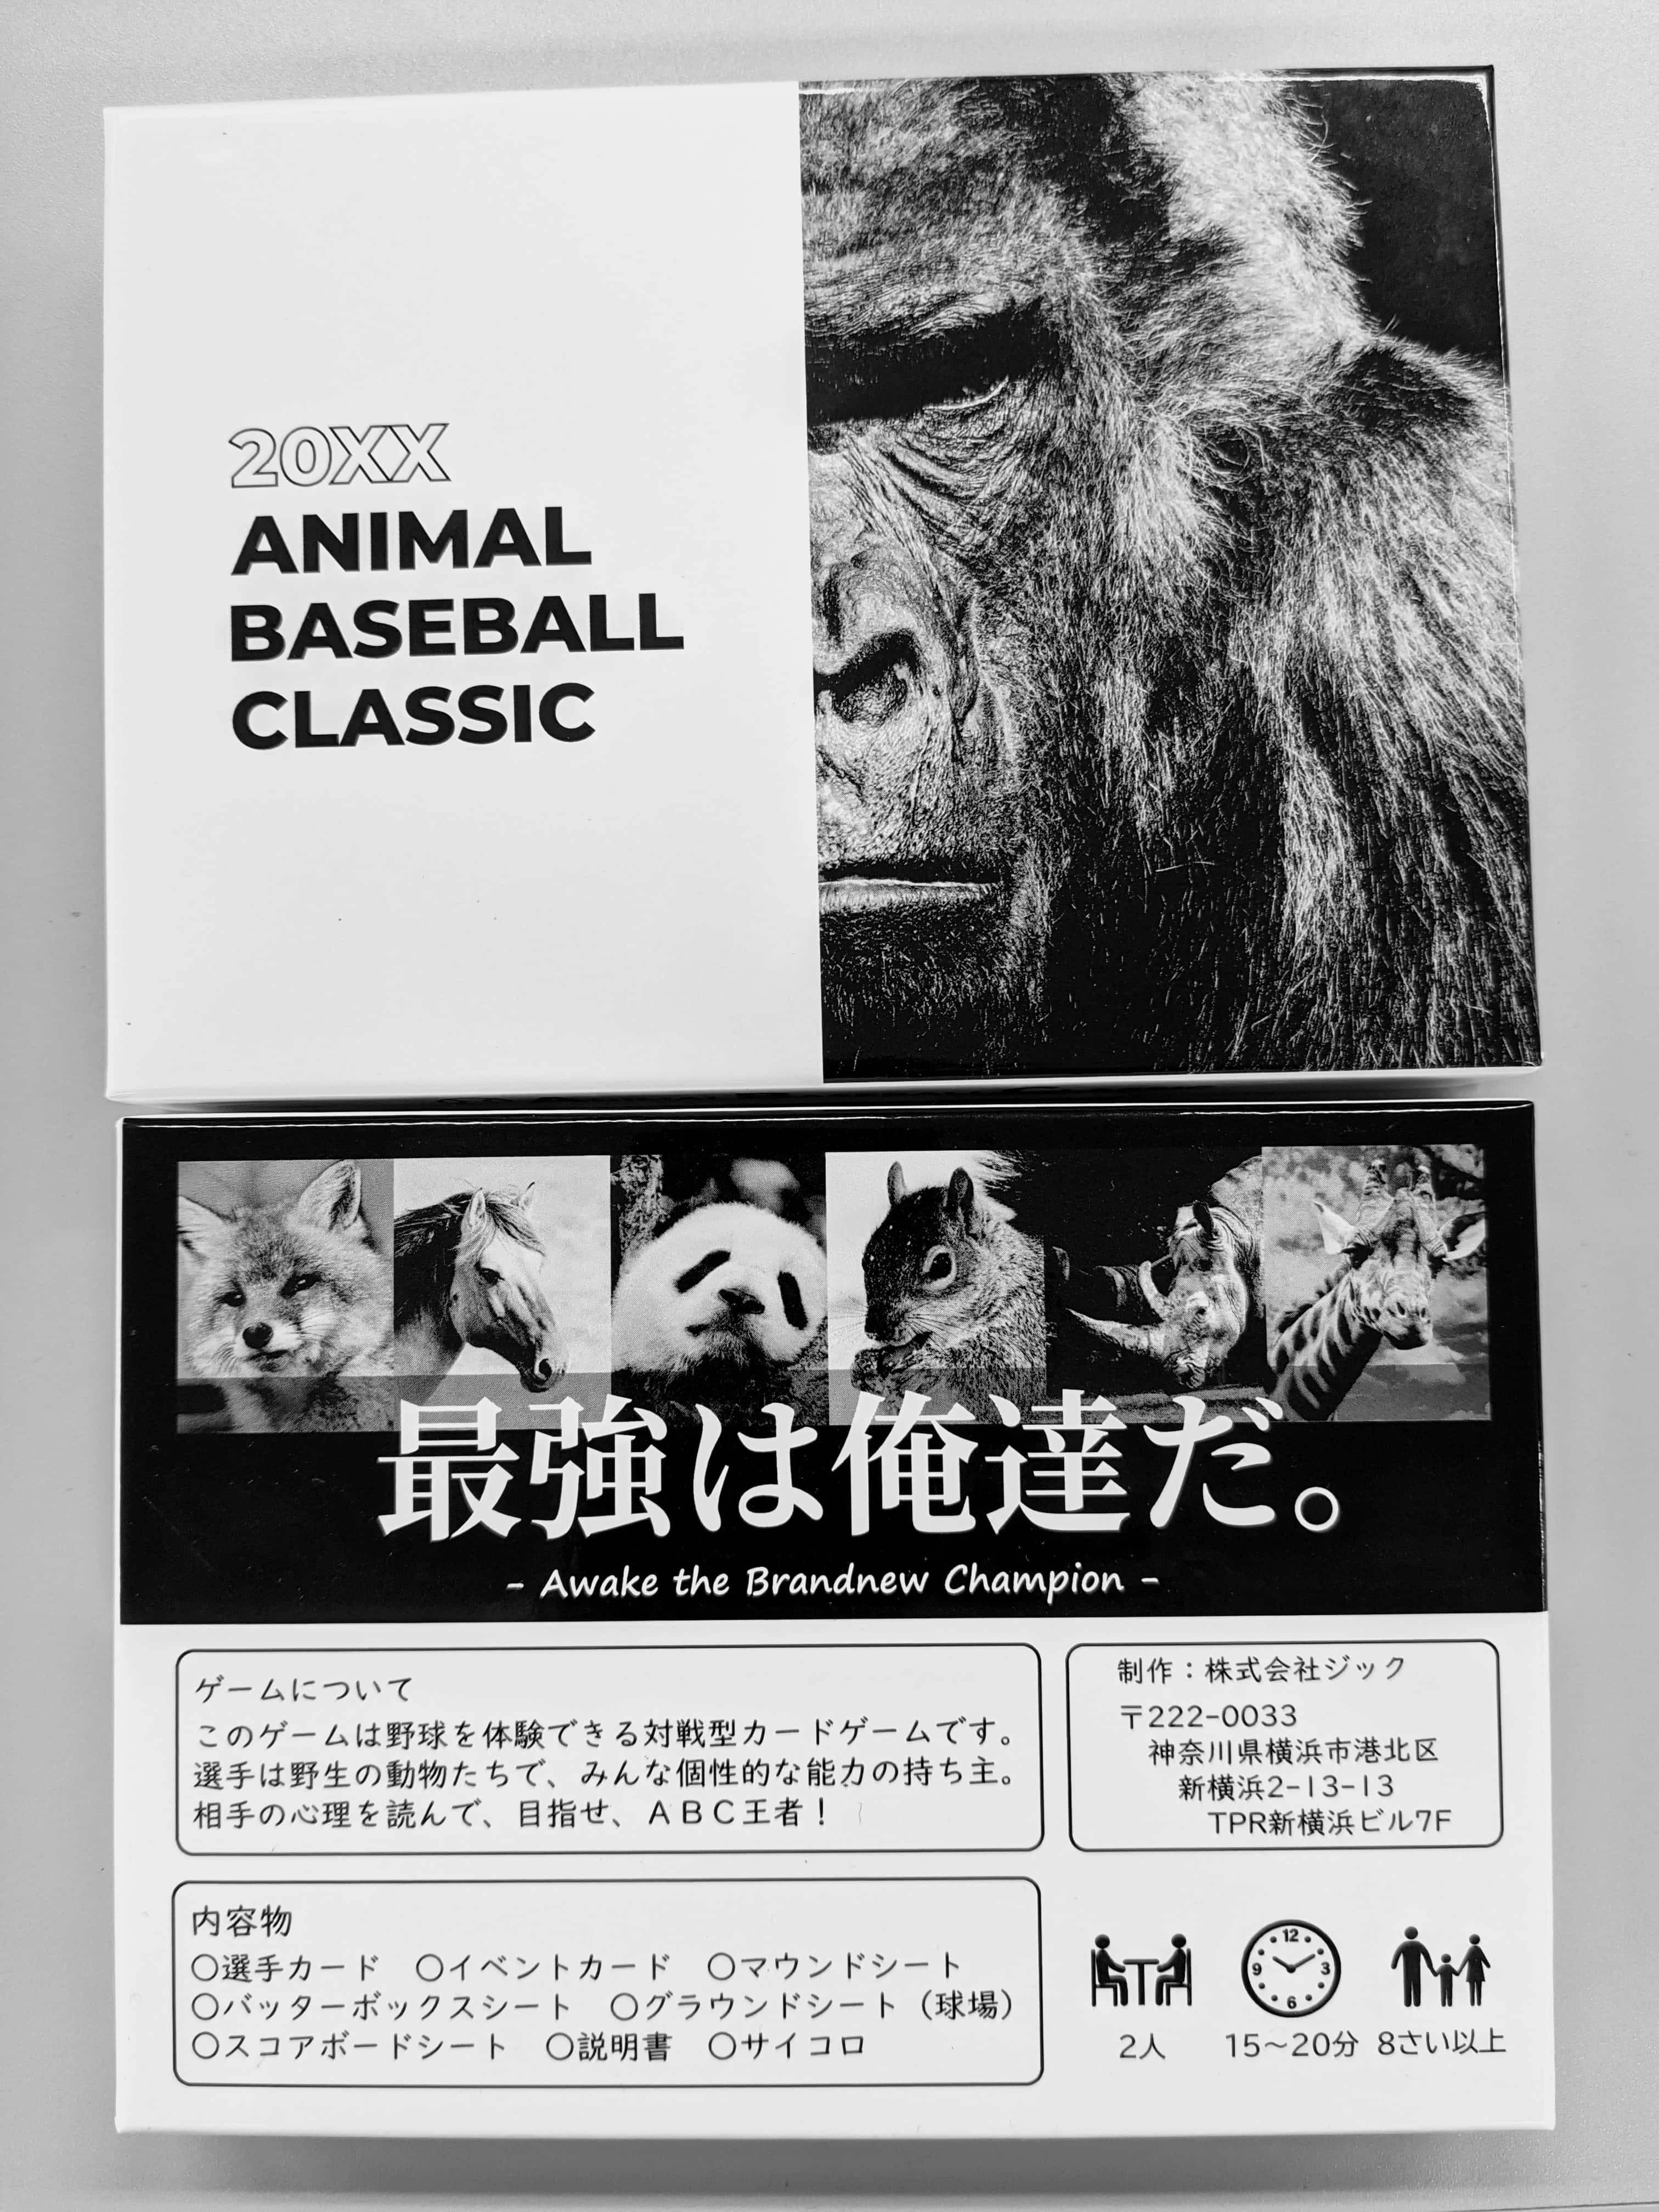 ゲームマーケット2021春の御礼と『Animal Baseball Classic』『スゴロクルマ』送料無料キャンペーンのお知らせ